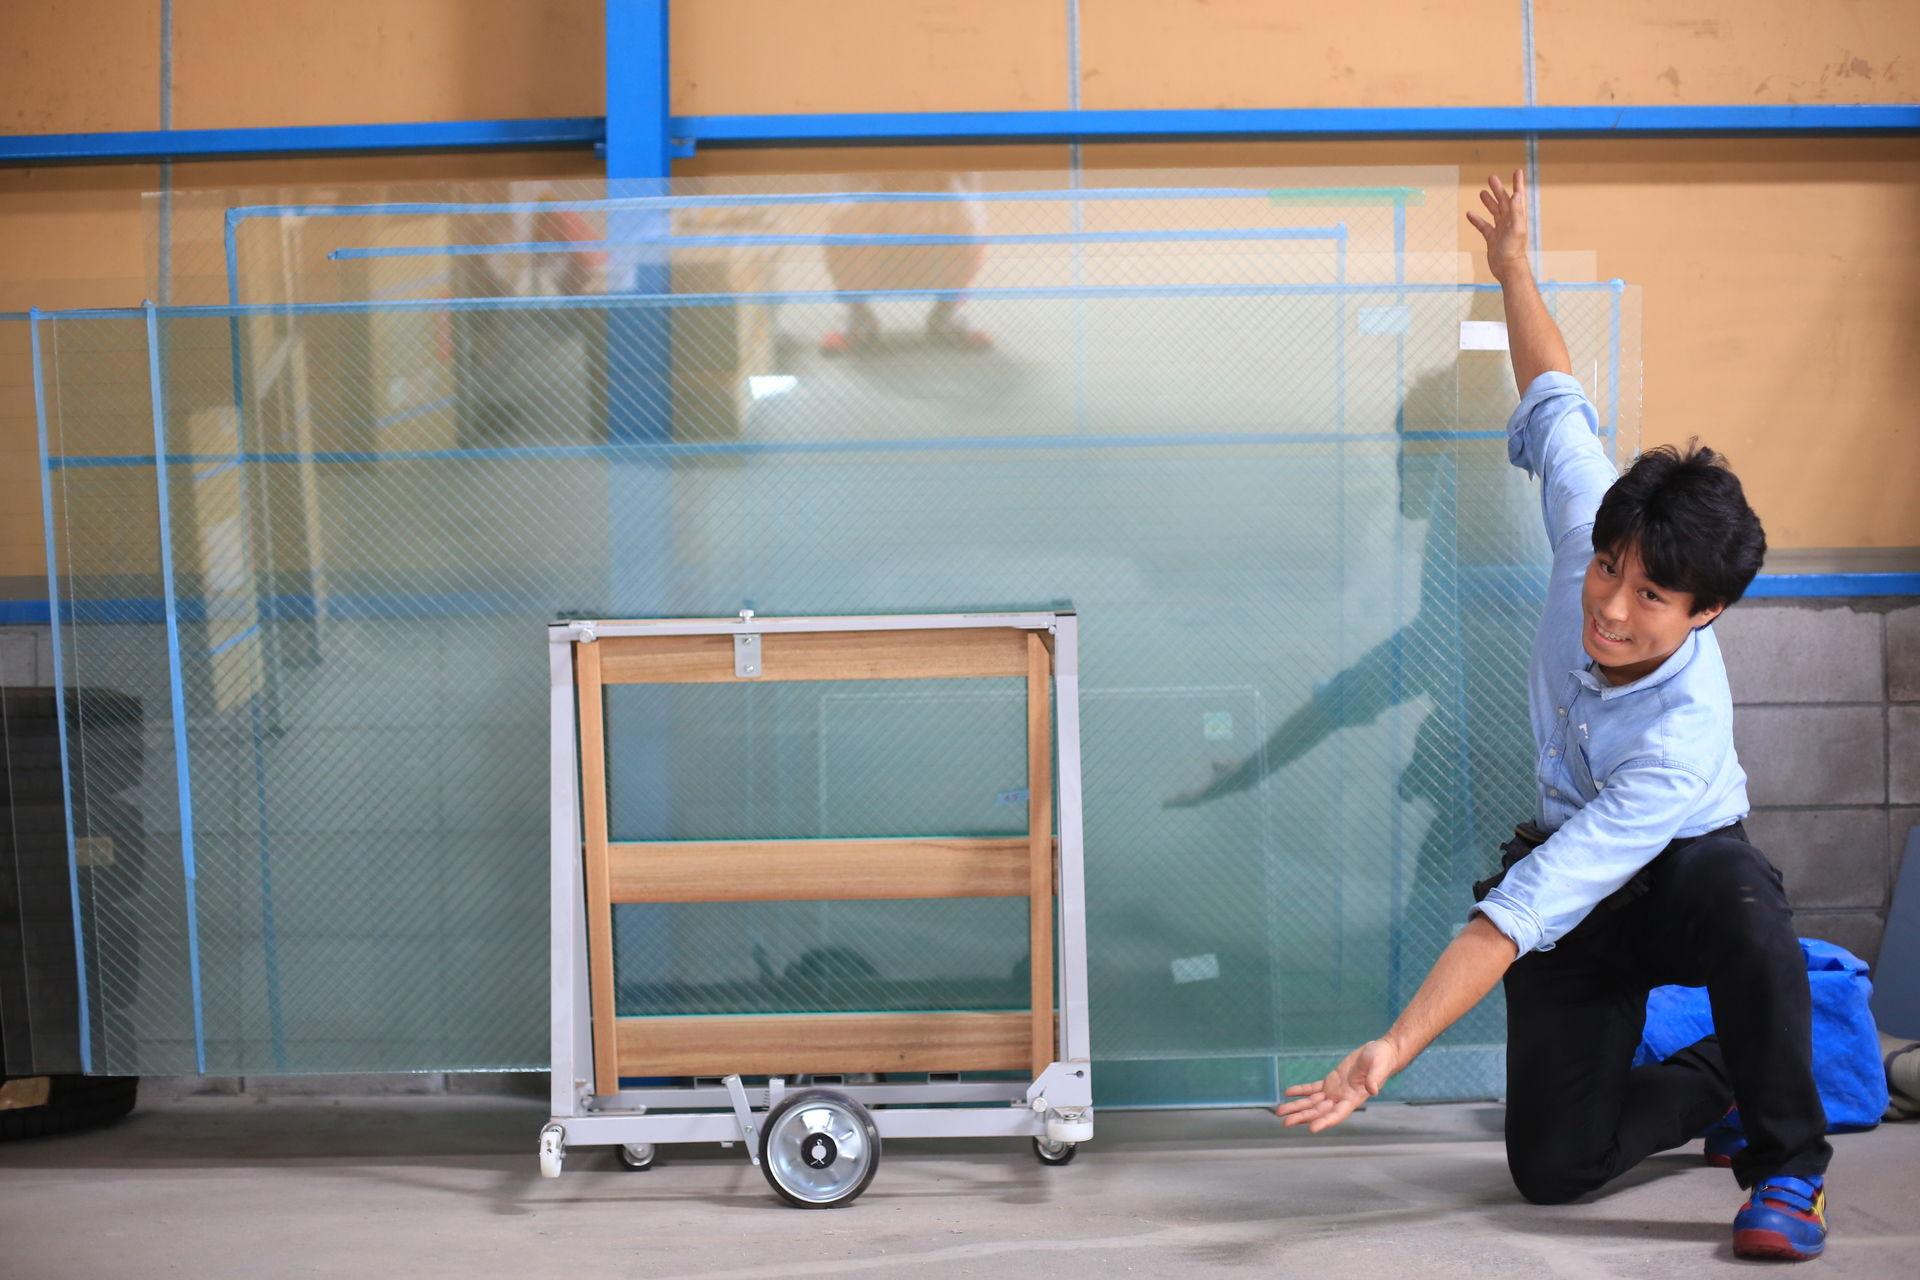 ガラスのトラブル救急車【猿島郡五霞町 出張エリア】のメイン画像